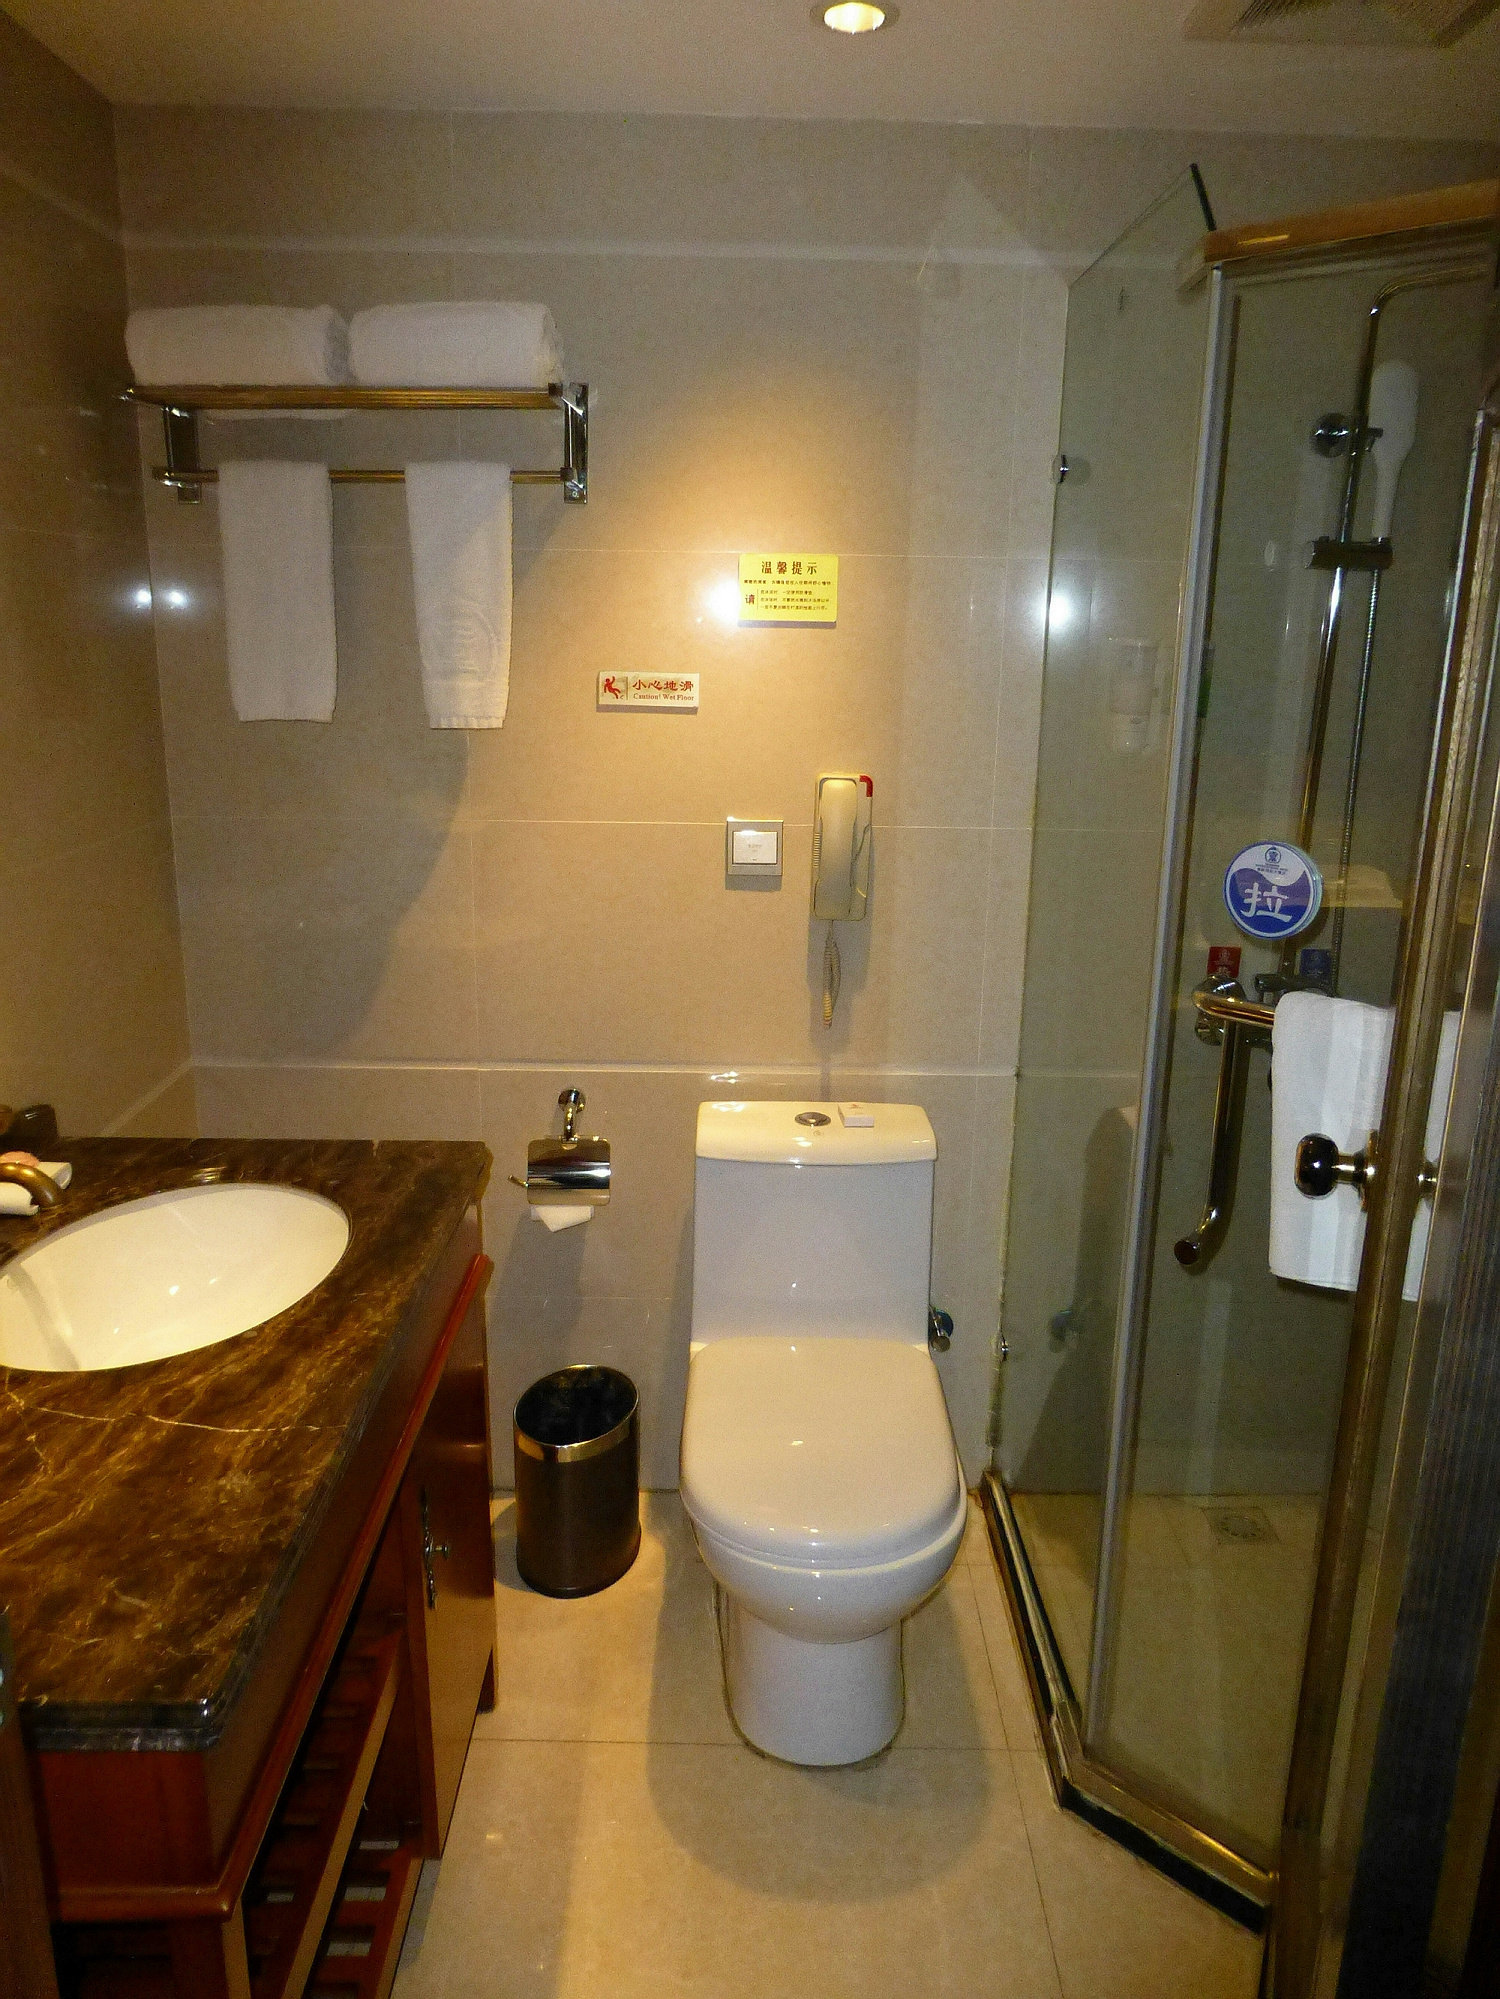 厕所 家居 设计 卫生间 卫生间装修 装修 1500_1999 竖版 竖屏